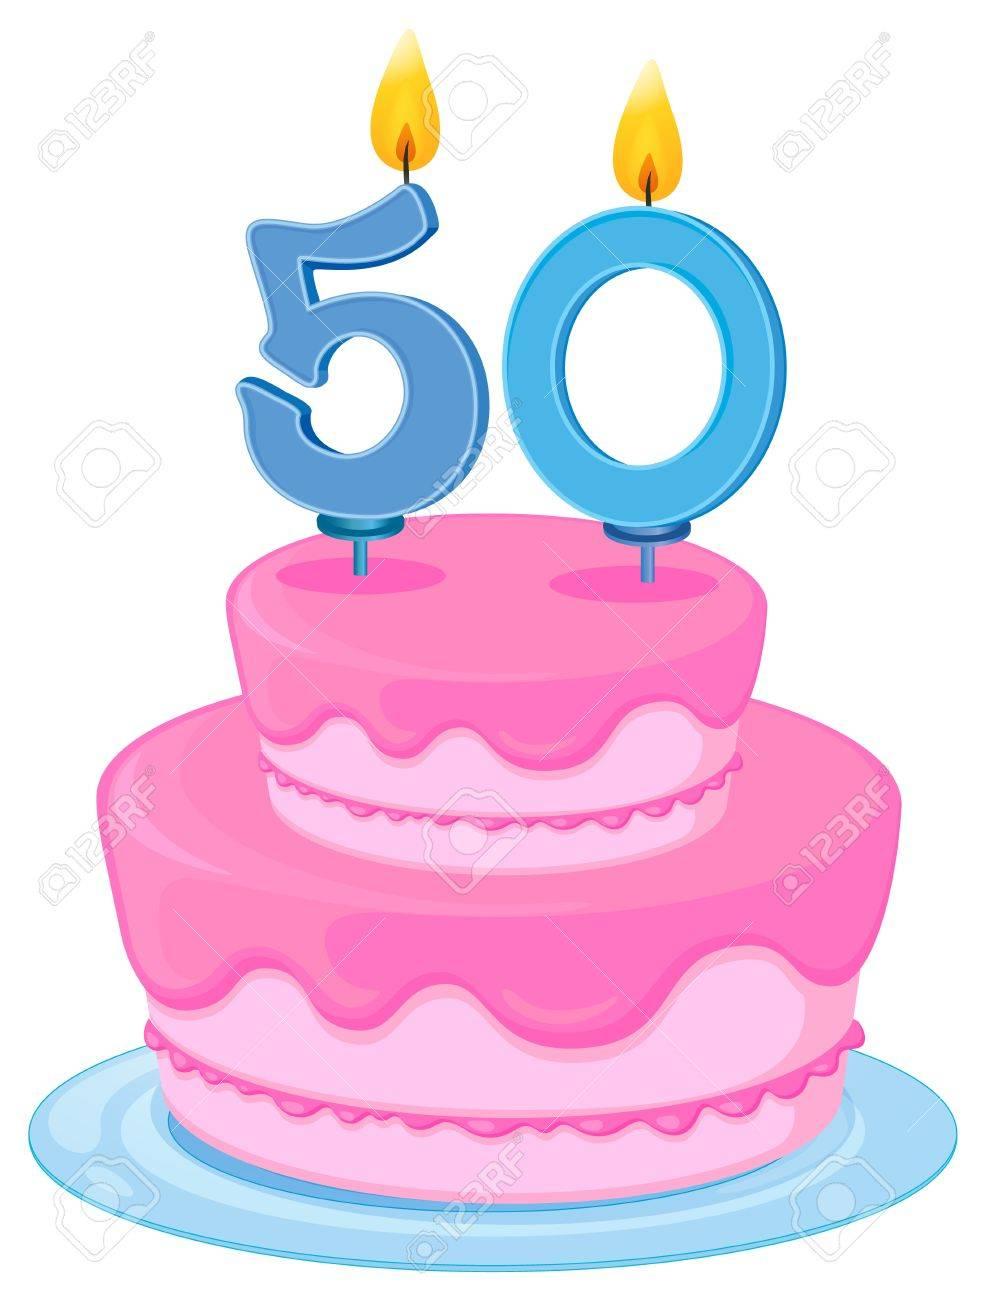 foto de archivo ilustracin de una tarta de cumpleaos en un fondo blanco with tartas cumpleaos